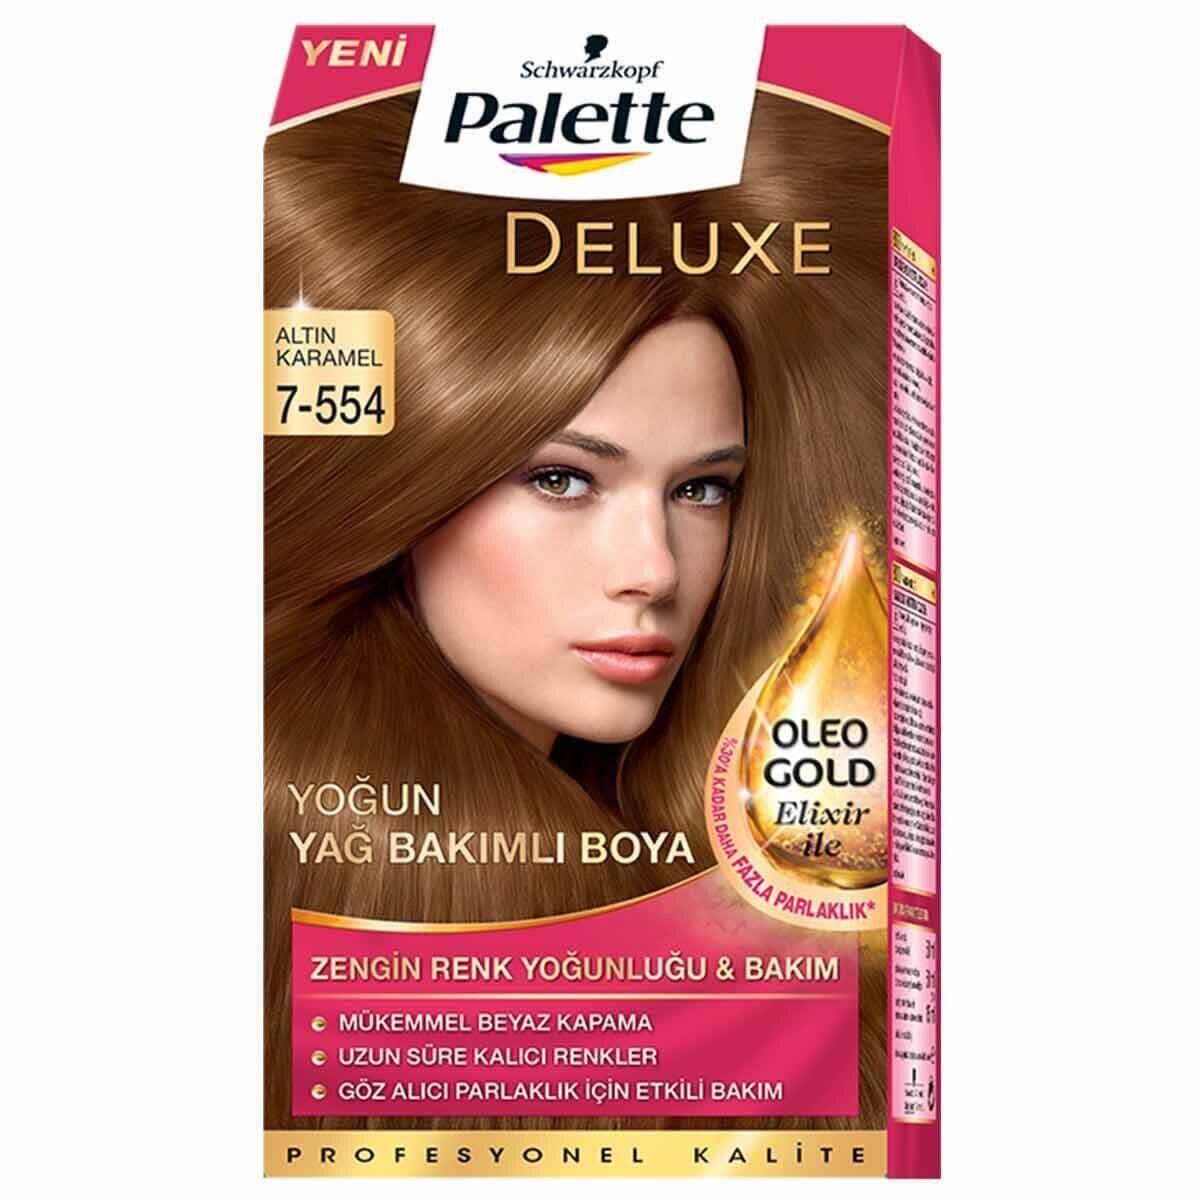 Deluxe Saç Boyası 7 554 Altın Karamel Palette Watsons